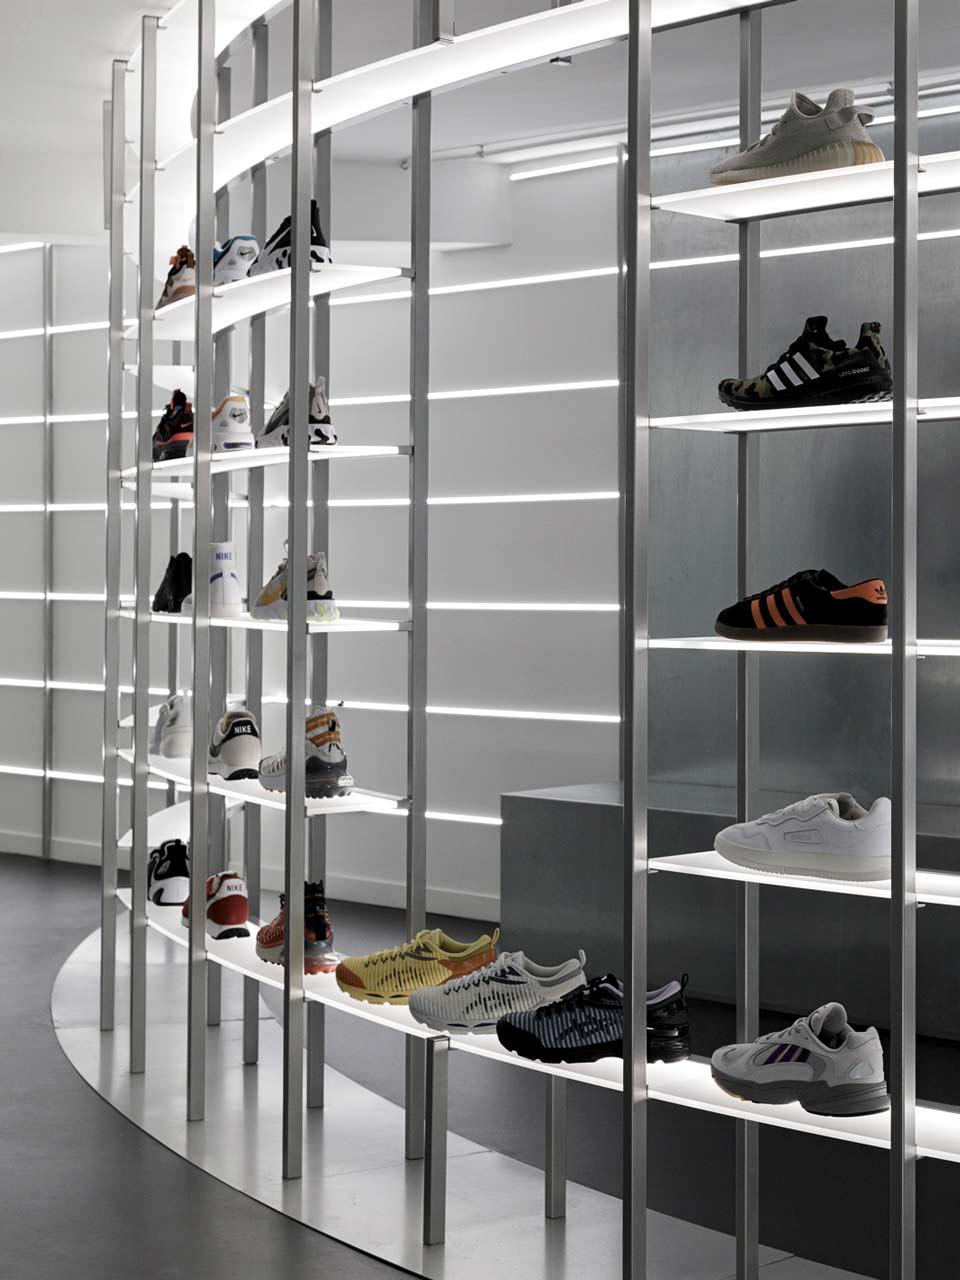 The Next Door sneakers.